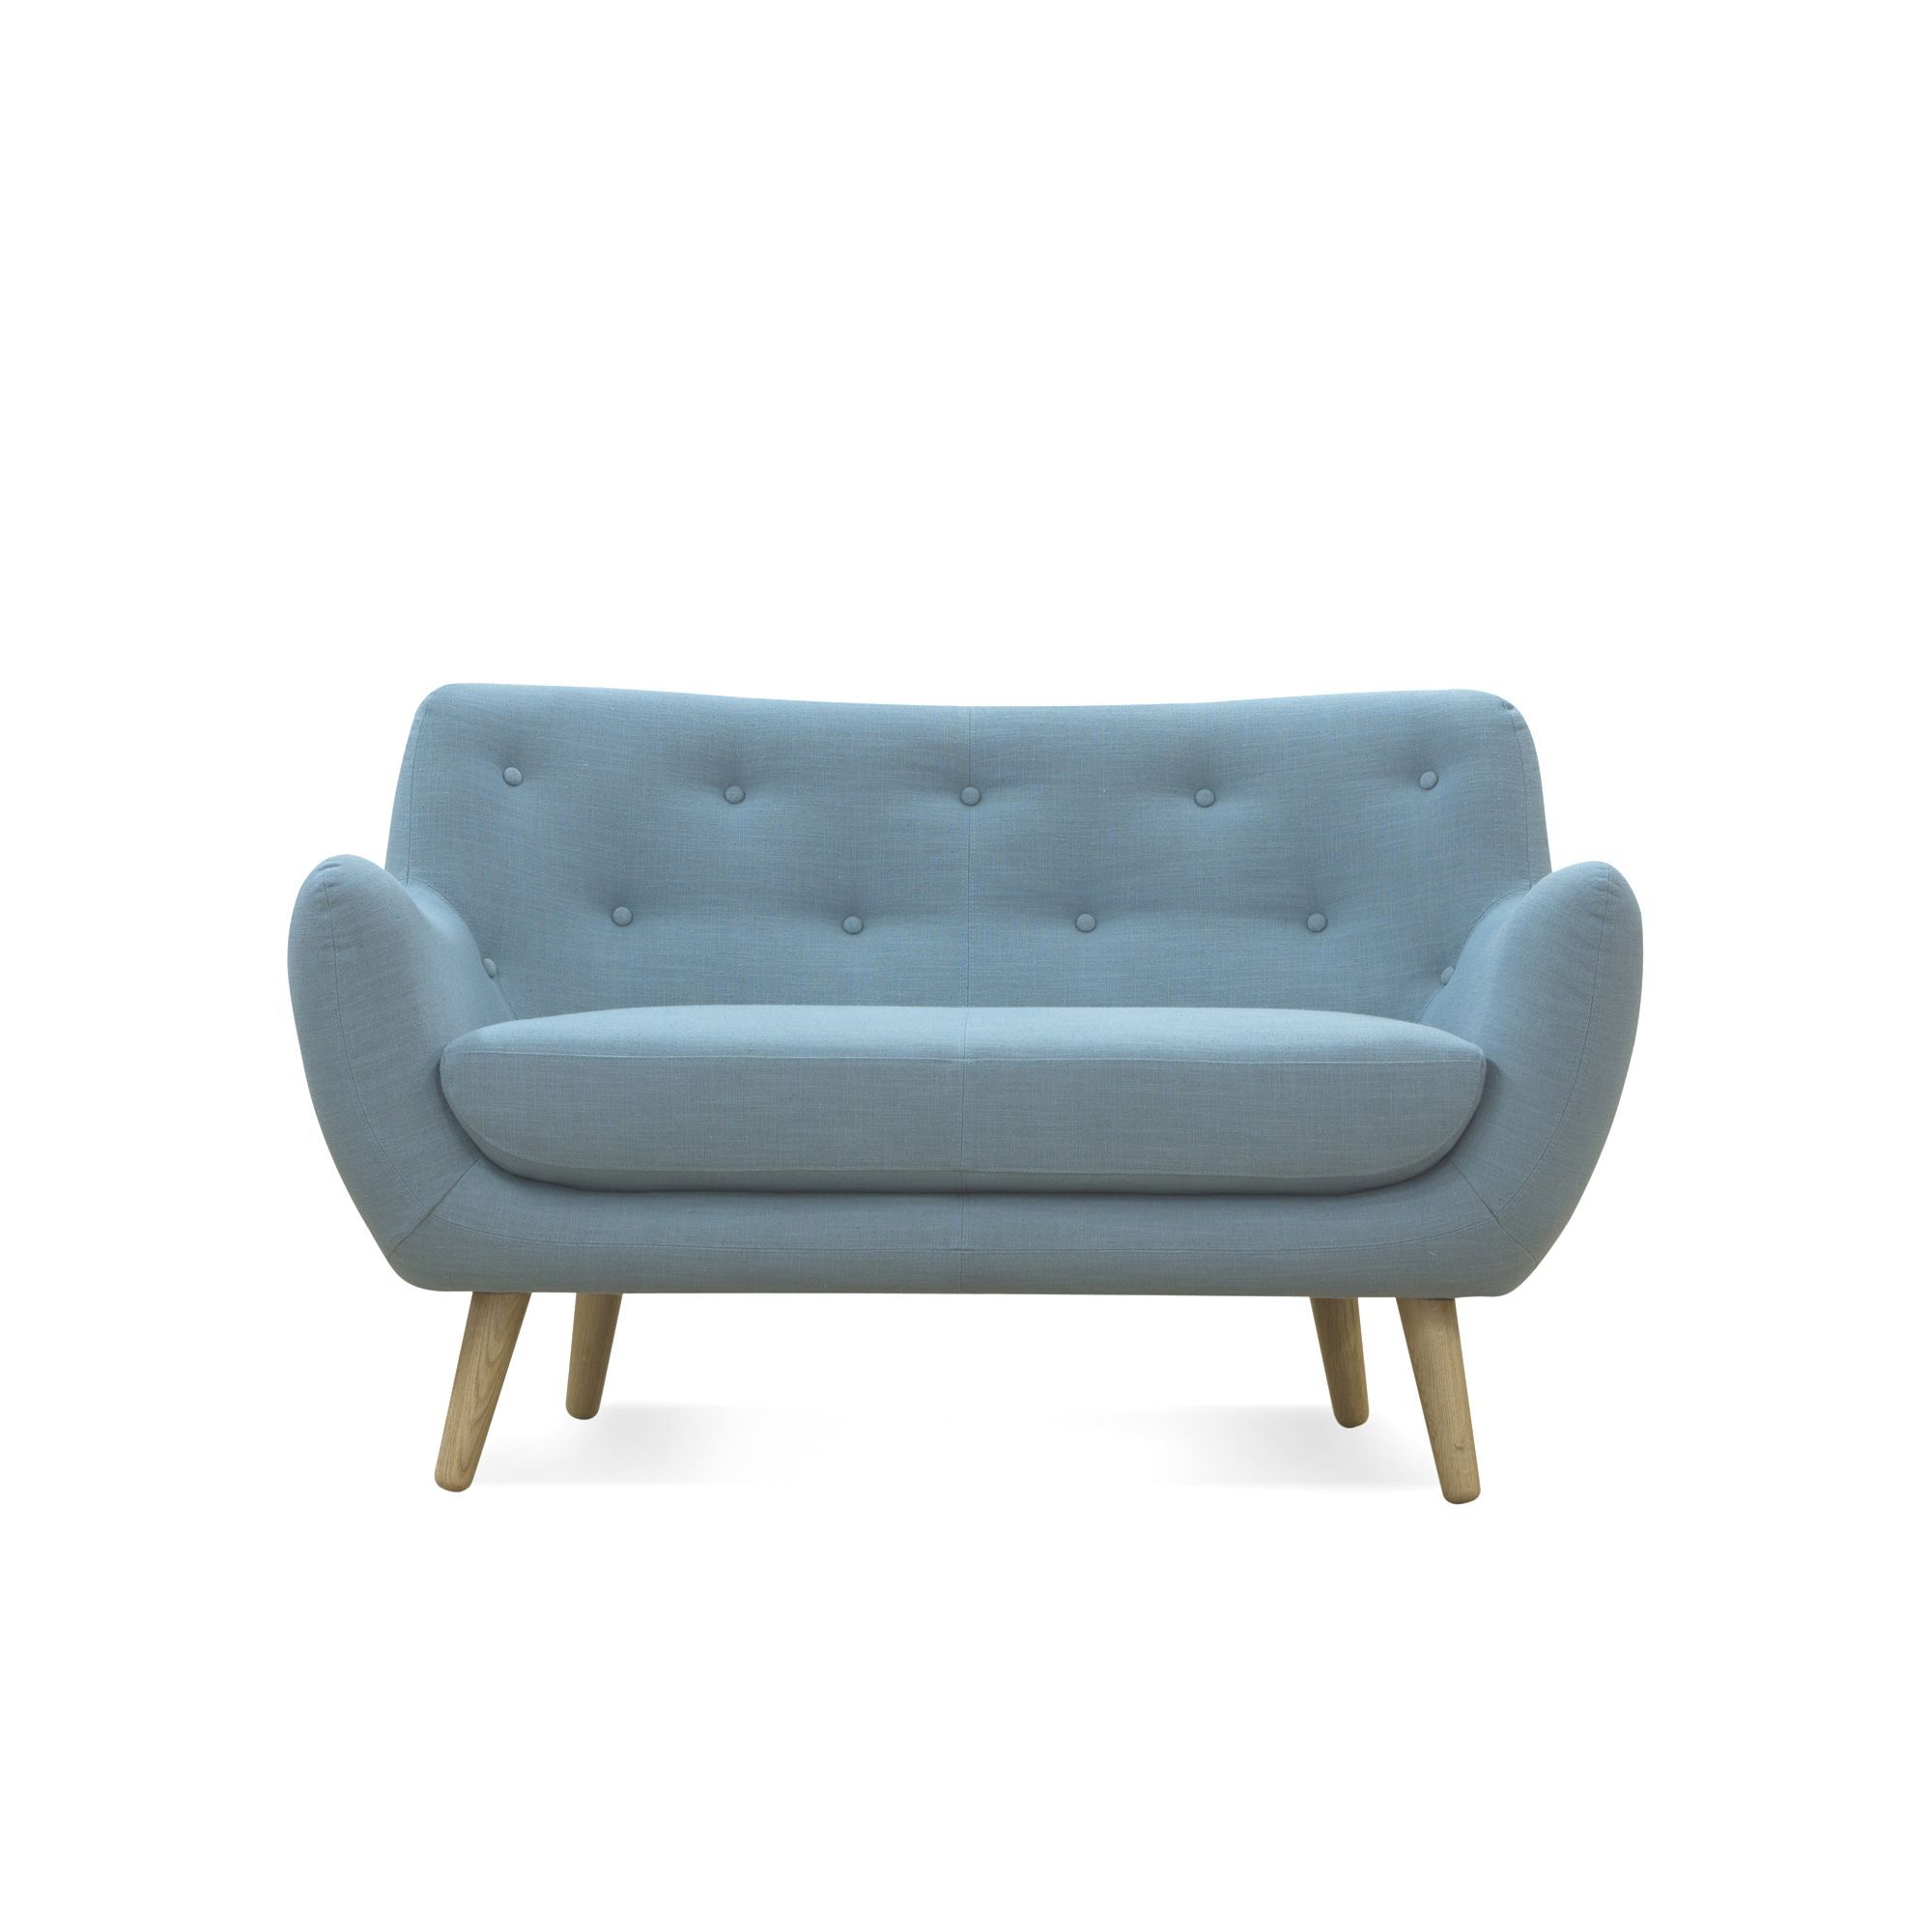 Poppy Meuble Canapé Places Fixe Esprit Scandinave Bleu Salons - Formation decorateur interieur avec canapé chesterfield pas cher